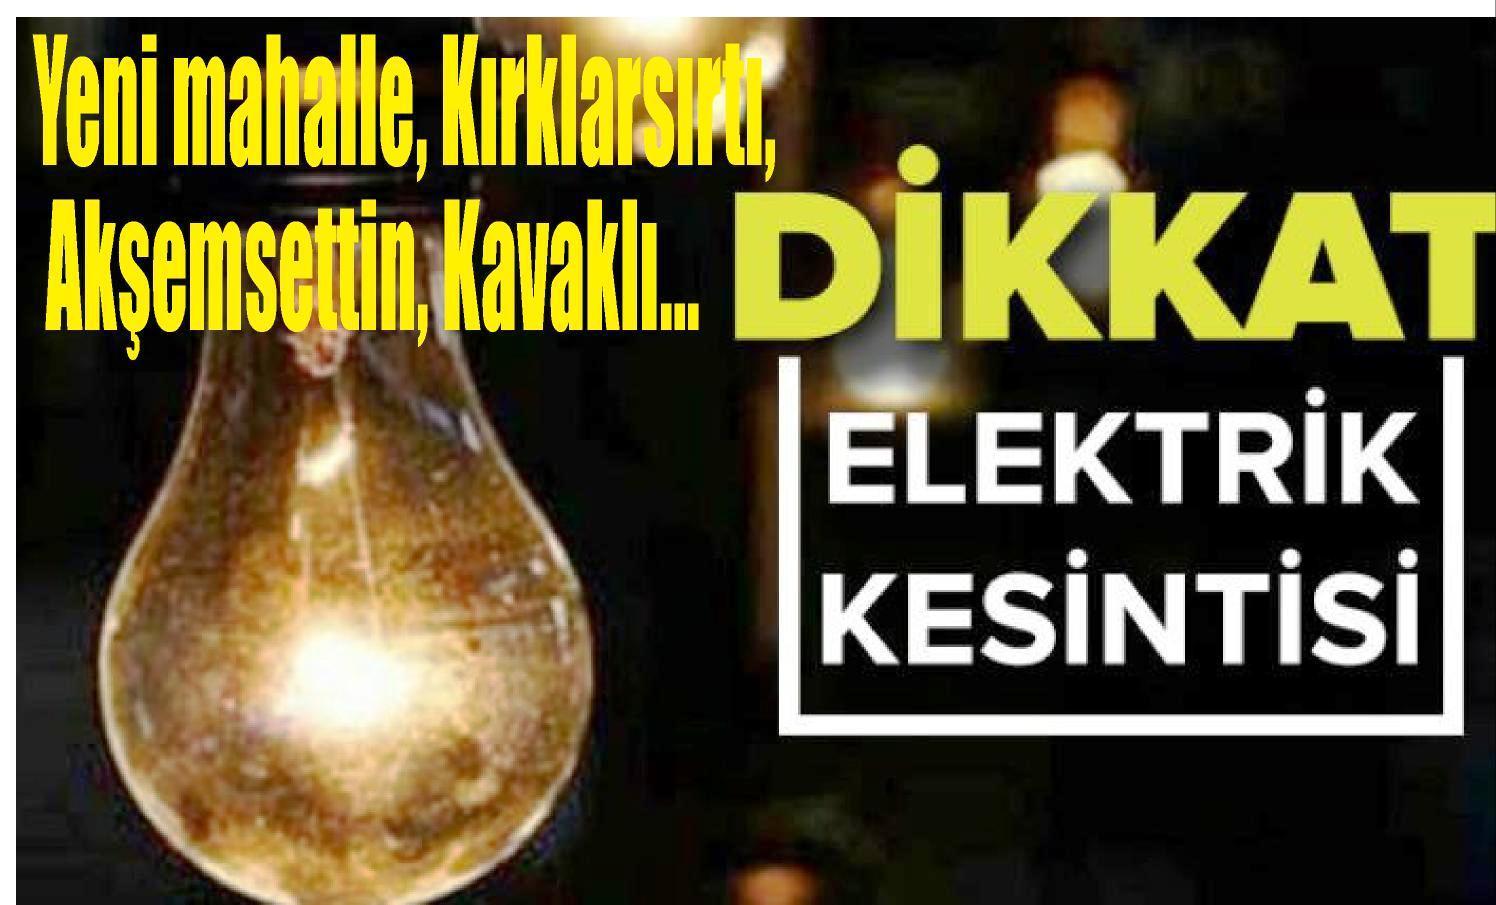 Cuma Günü Tarsus'un Bazı mahallelerinde Elektrik Kesintisi Uygulanacaktır